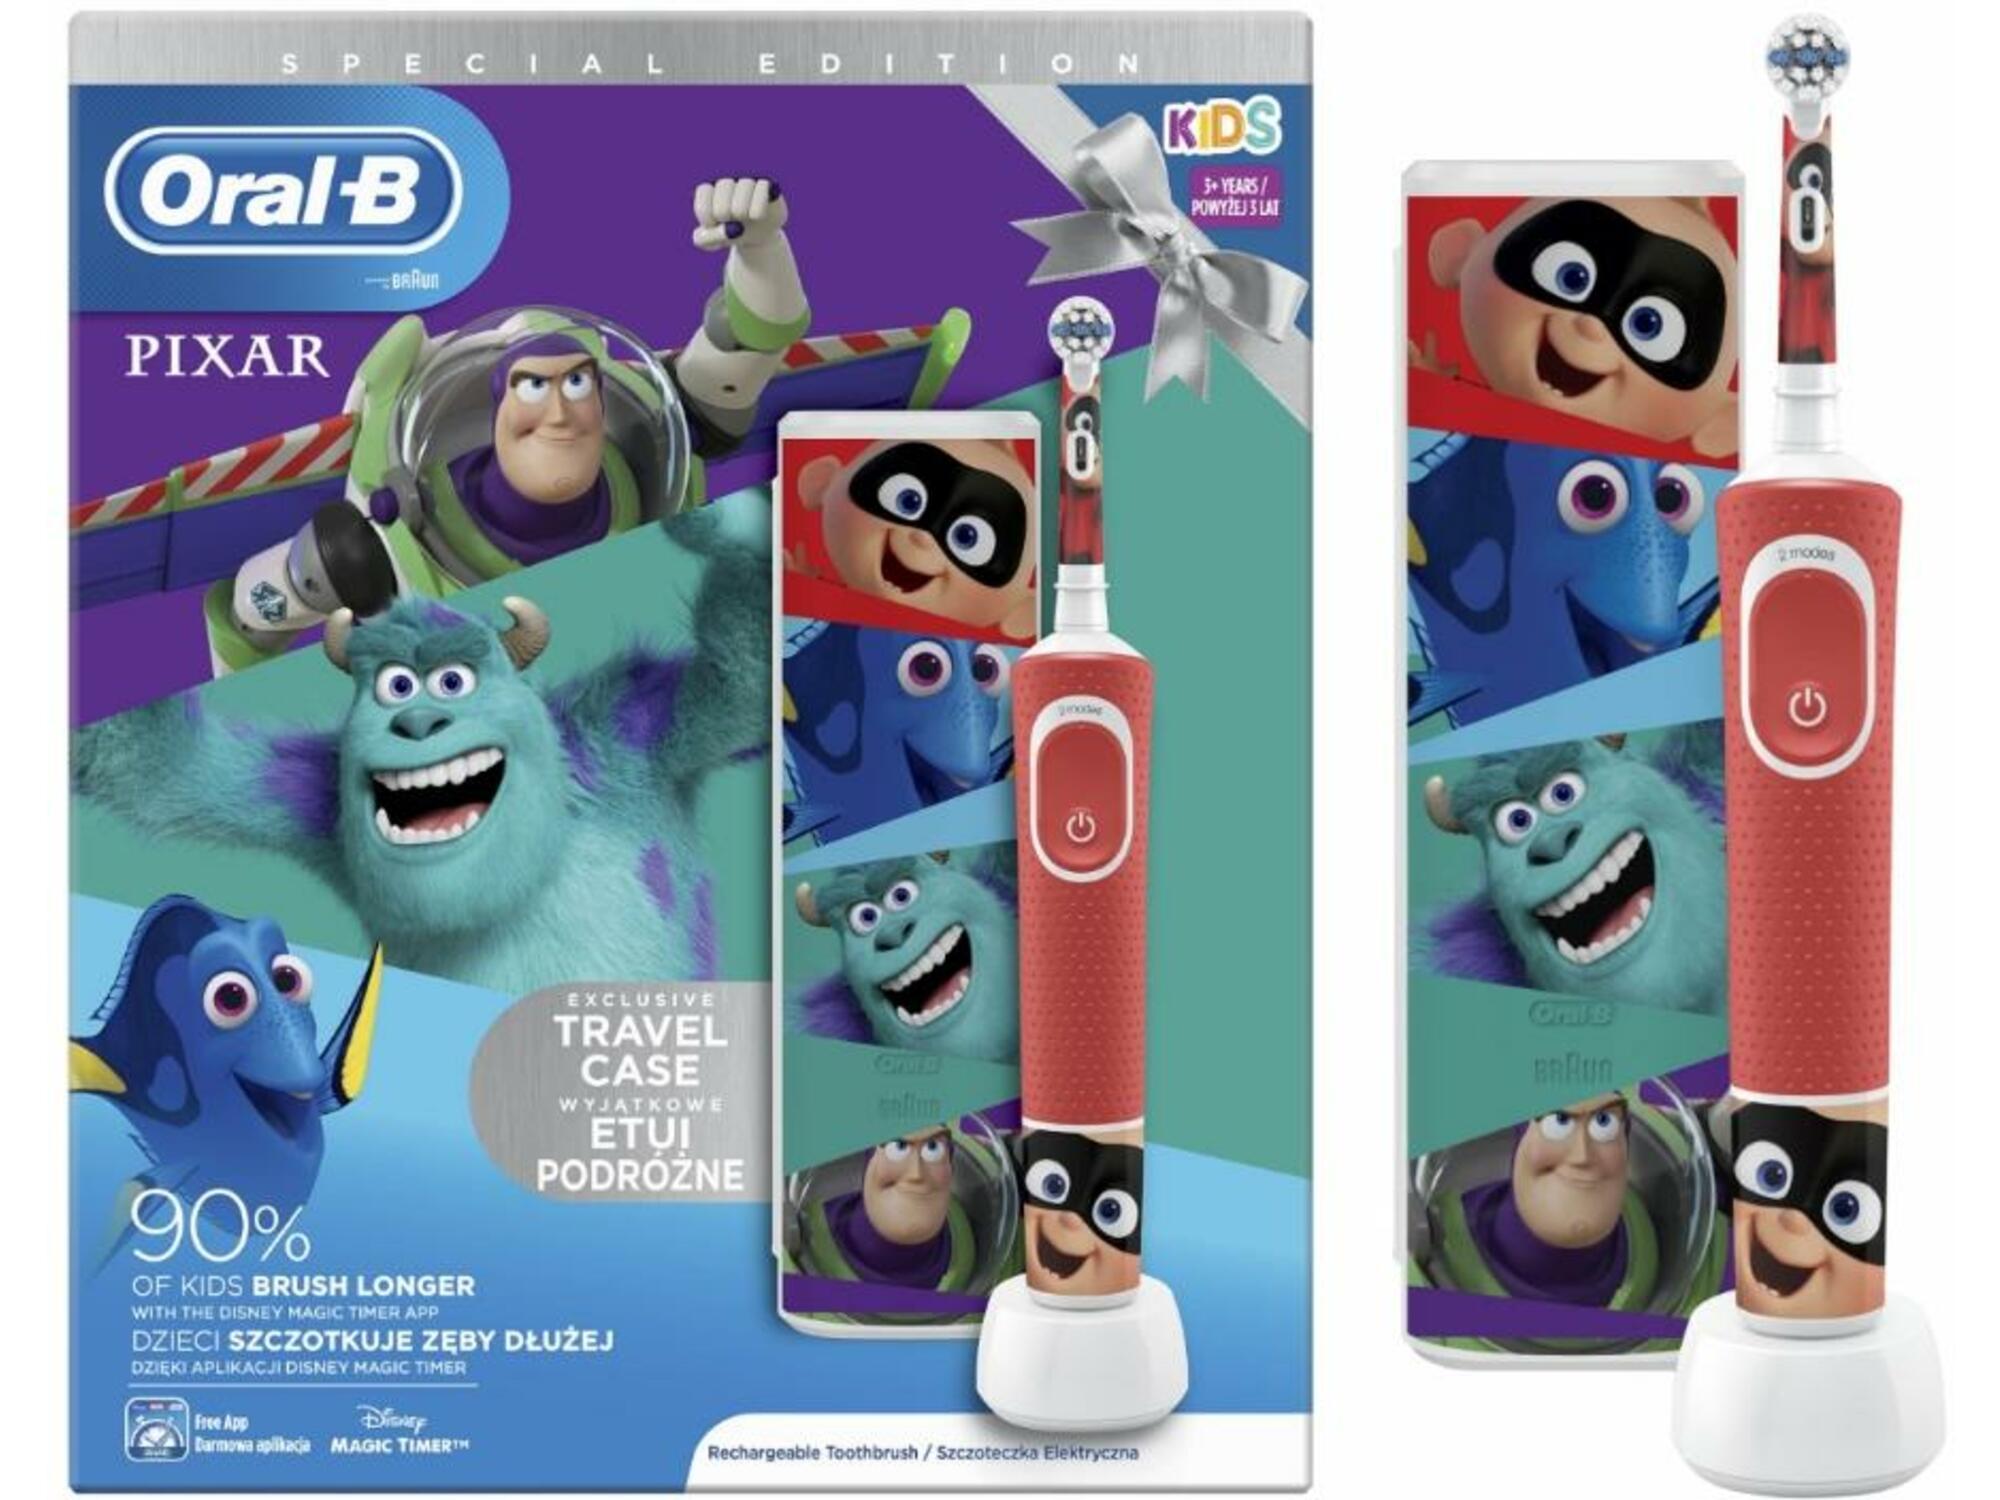 ORAL B otroška električna zobna ščetka + potovalni etui VITALITY KIDS Pixar D100 4210201314615